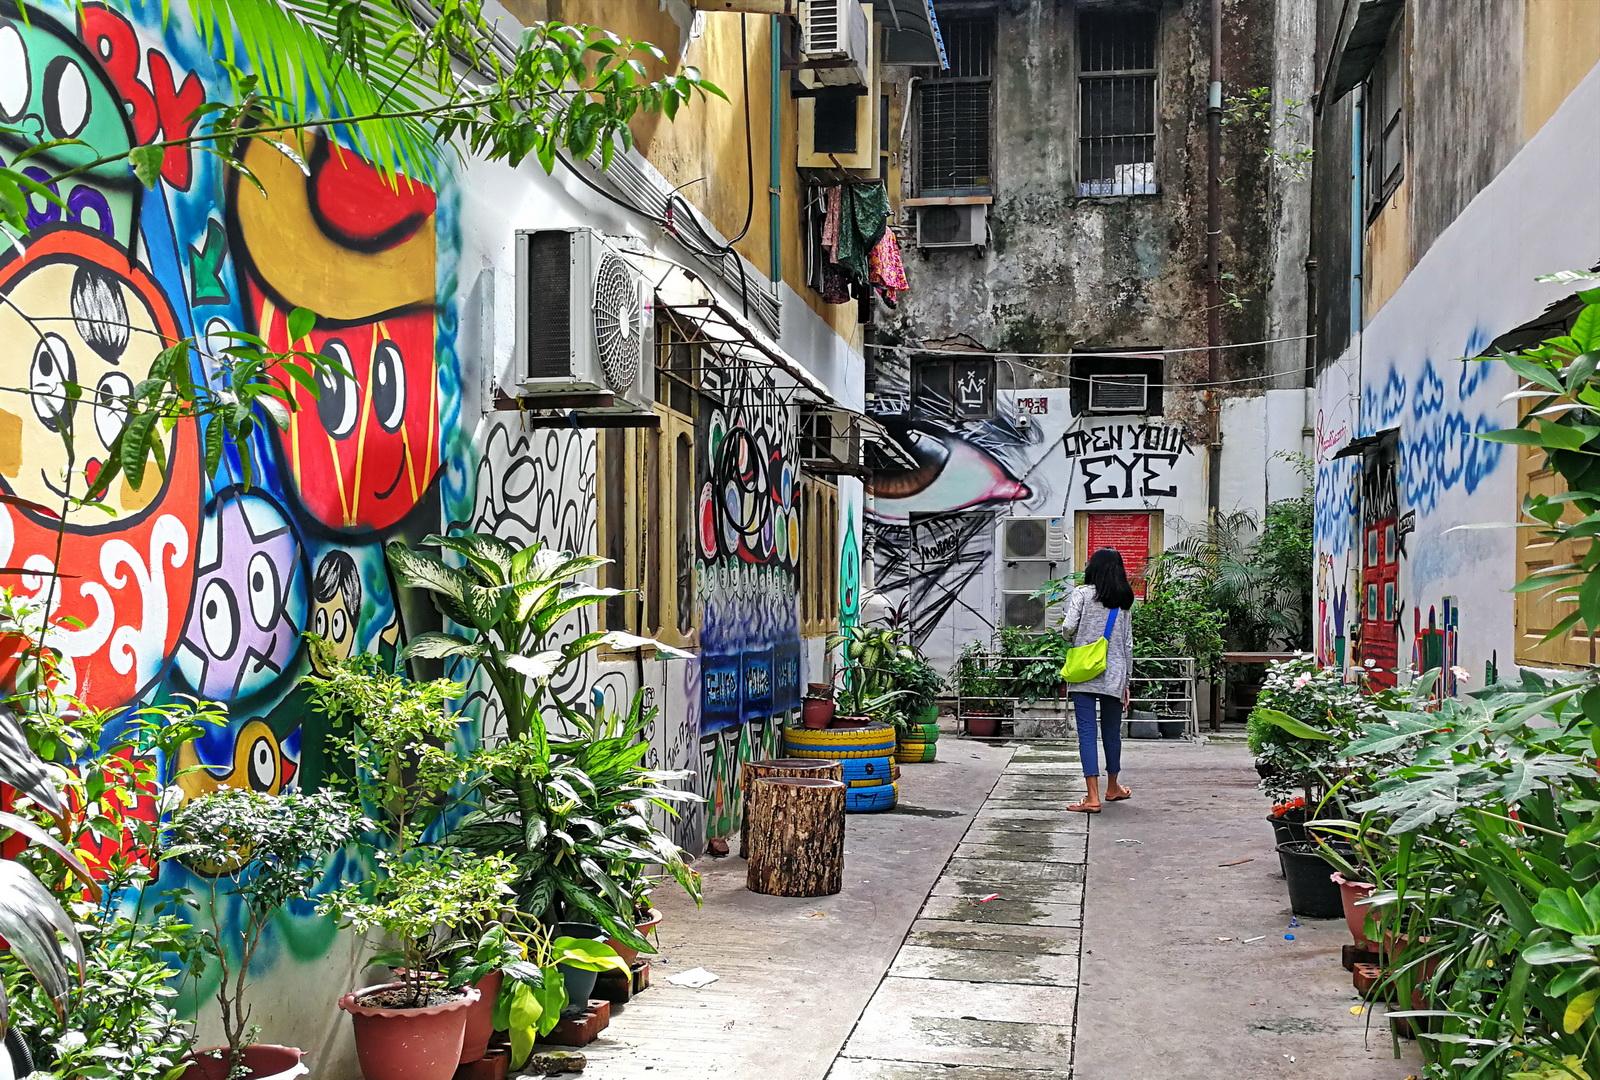 Burma, Myanmar, Yangon's Garden Alleys